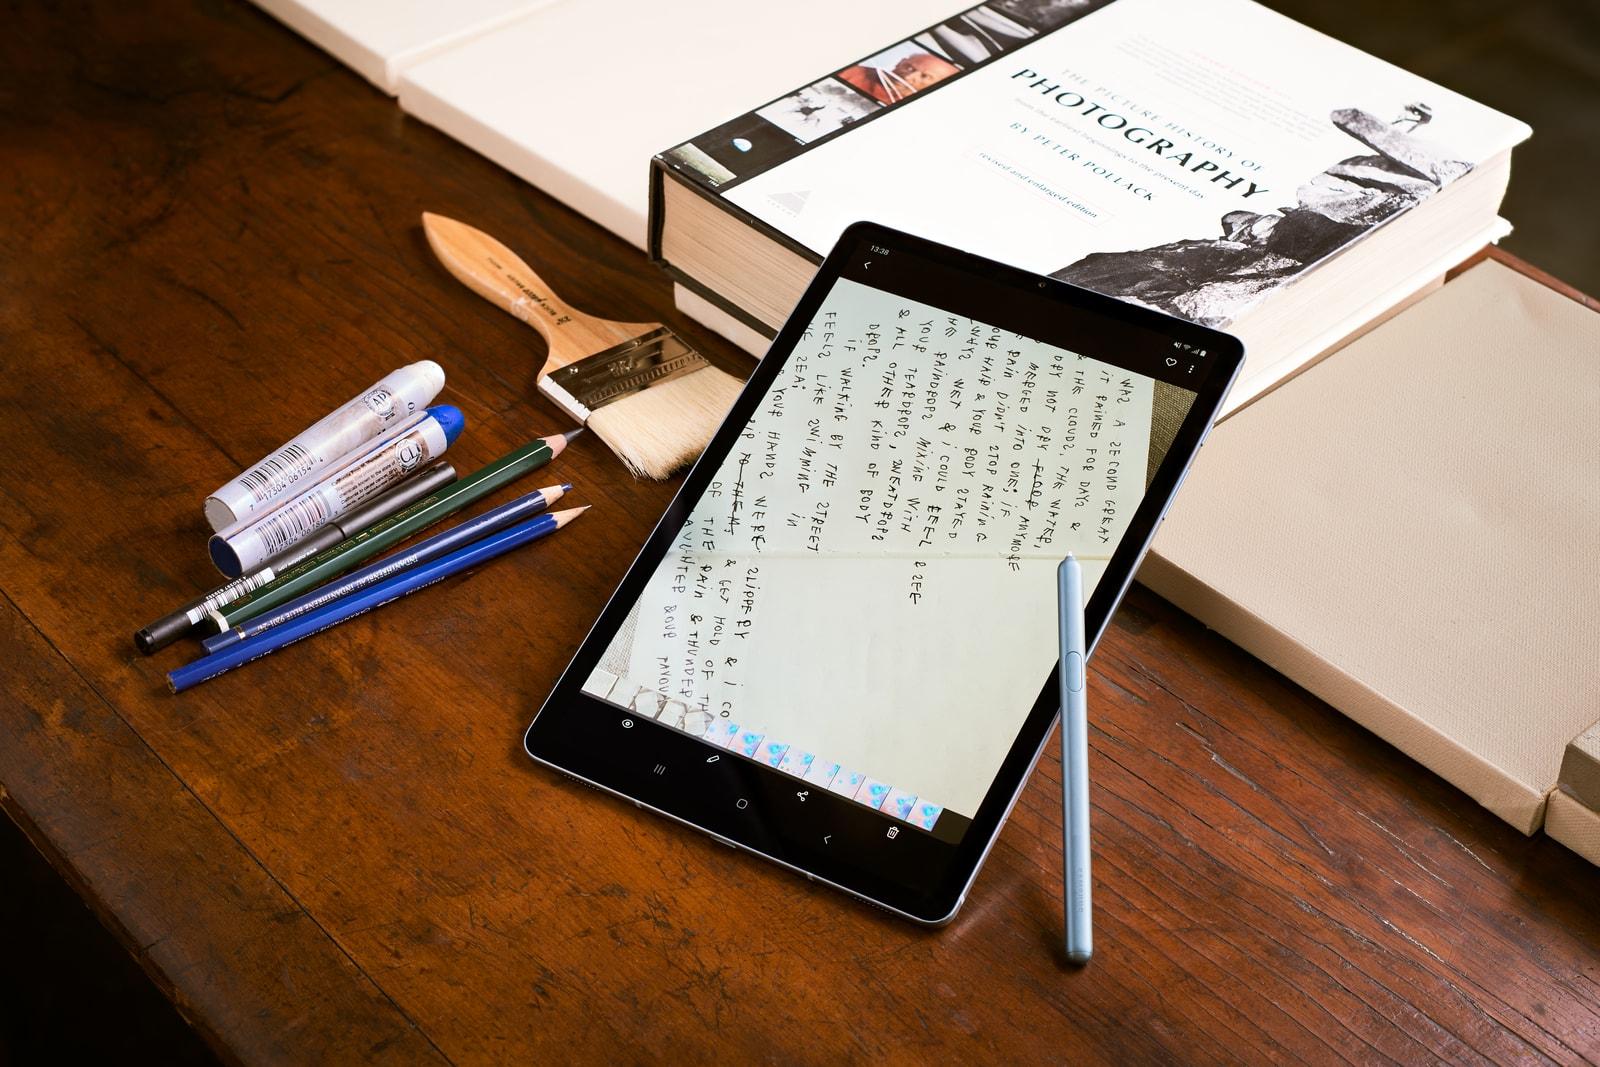 코코 카피탄, 갤럭시 탭 S6로 무한한 영감을 펼치다